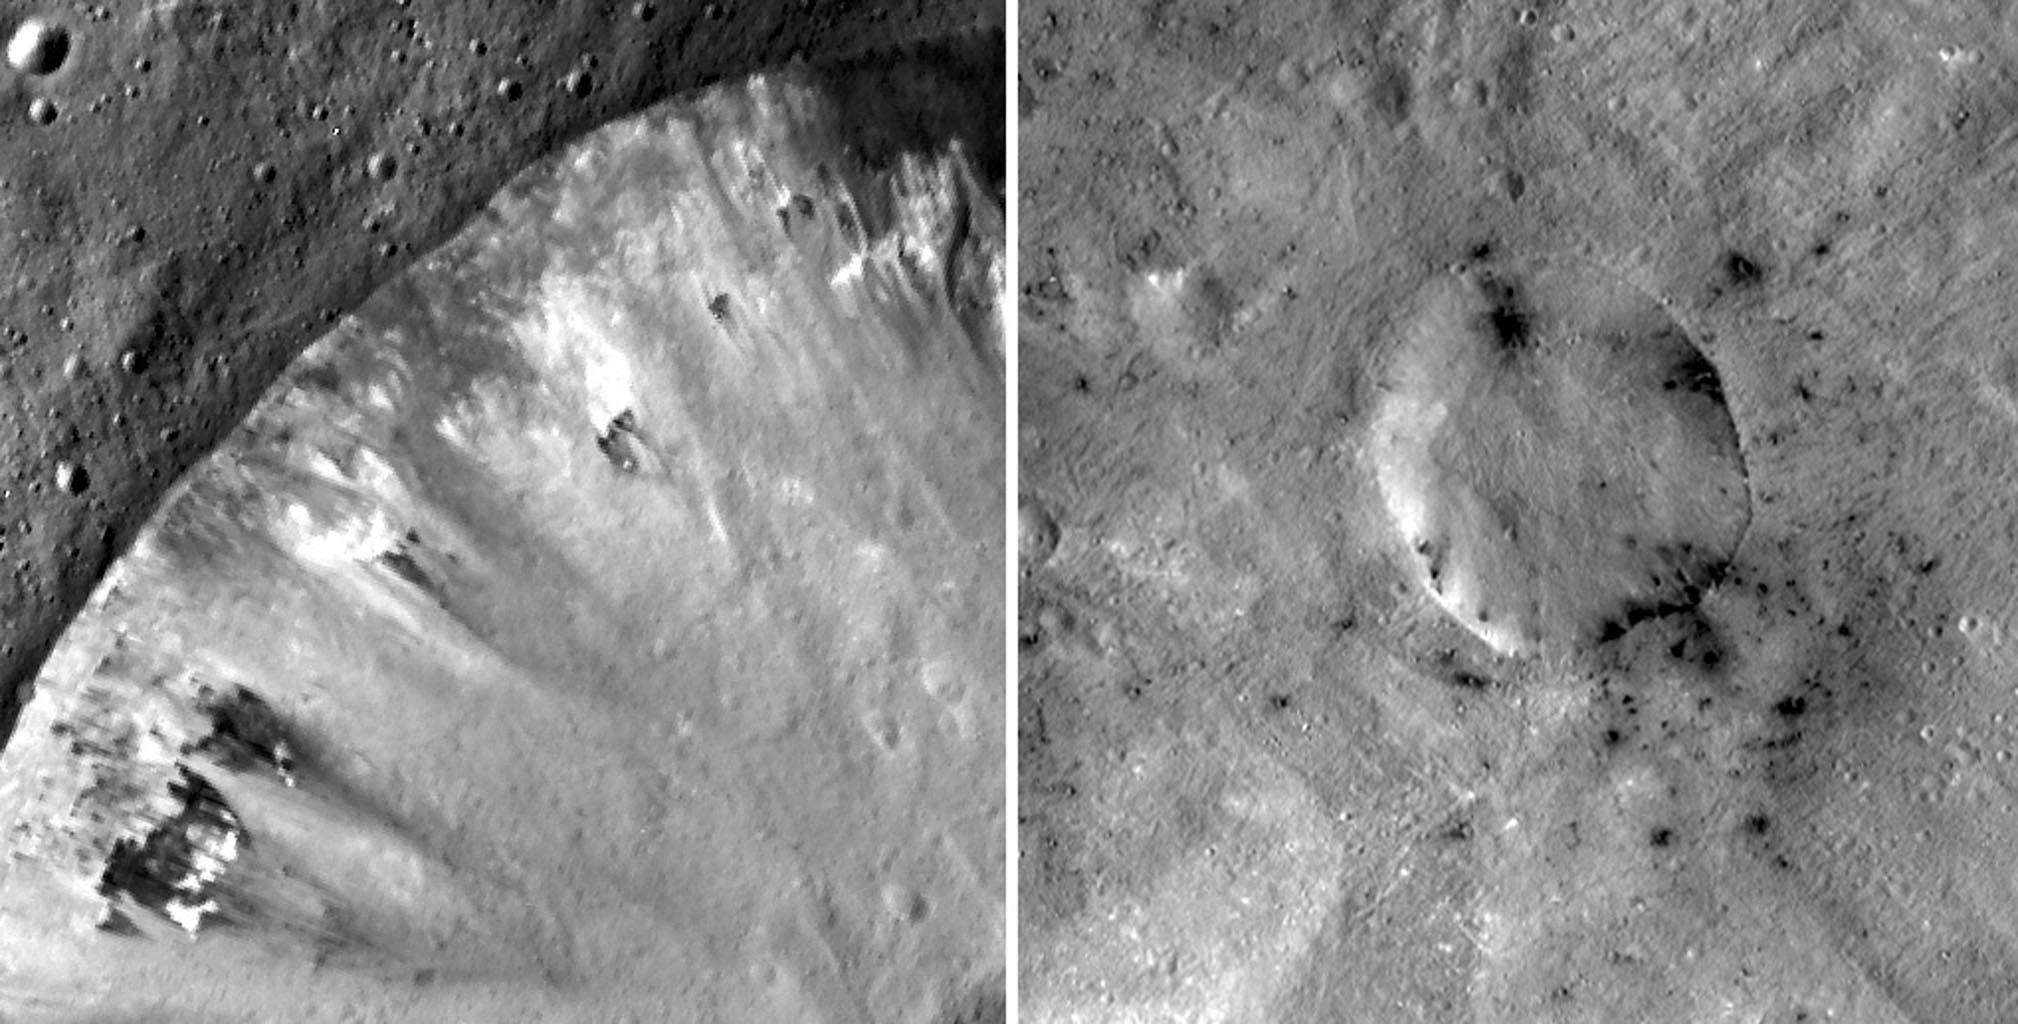 Crateras de Vesta registradas pela Dawn em 2013 (Foto: NASA)